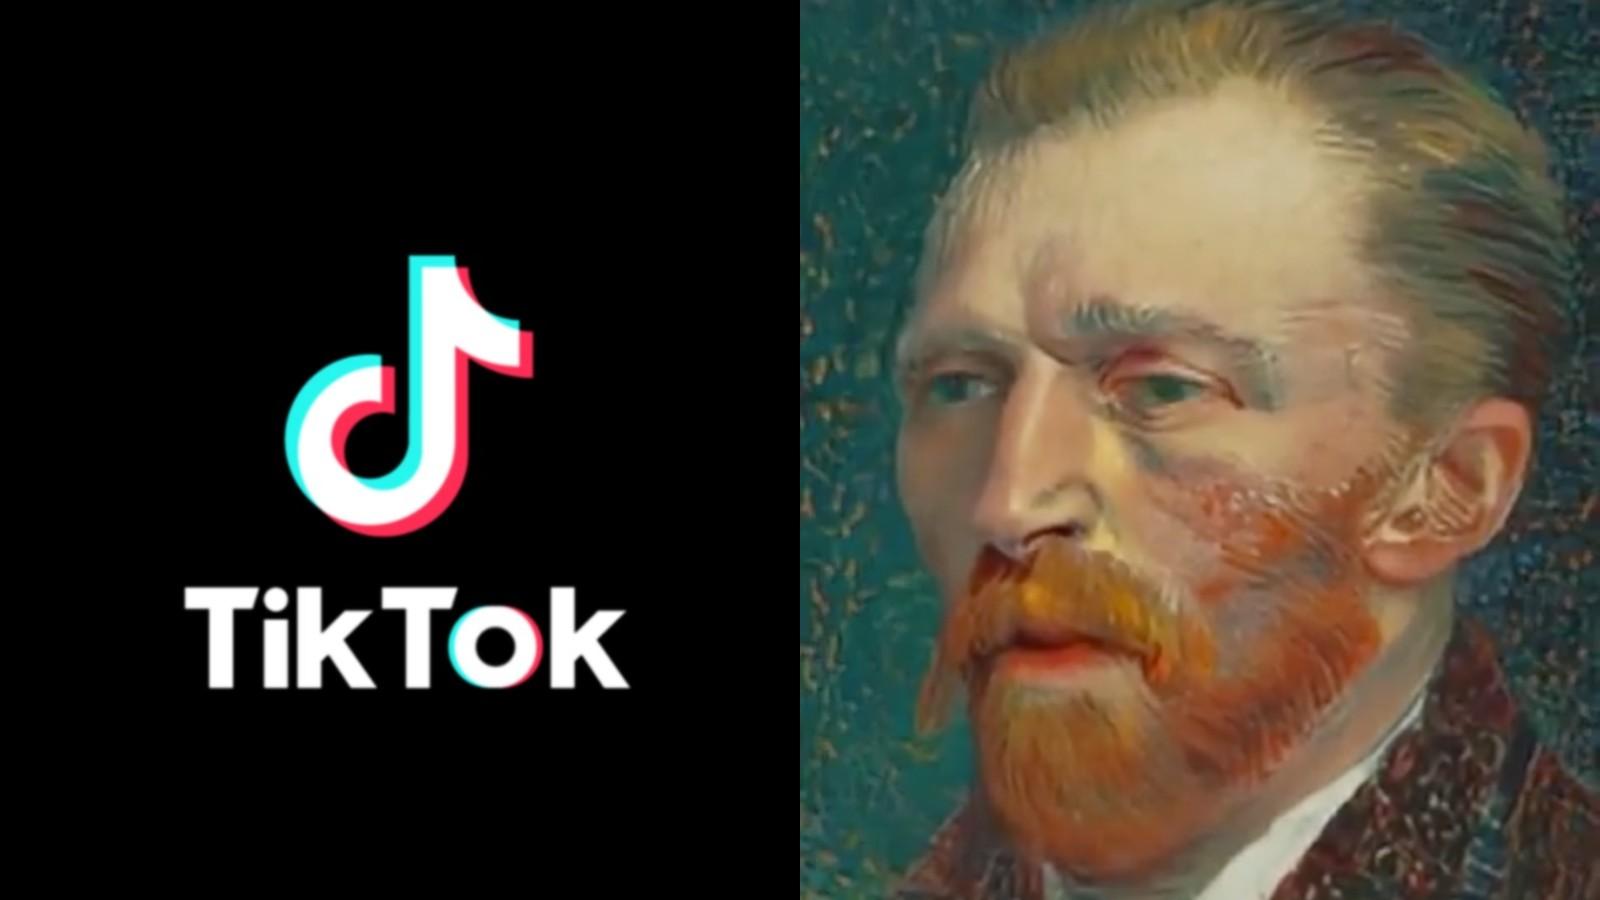 TikTok logo next to a painting